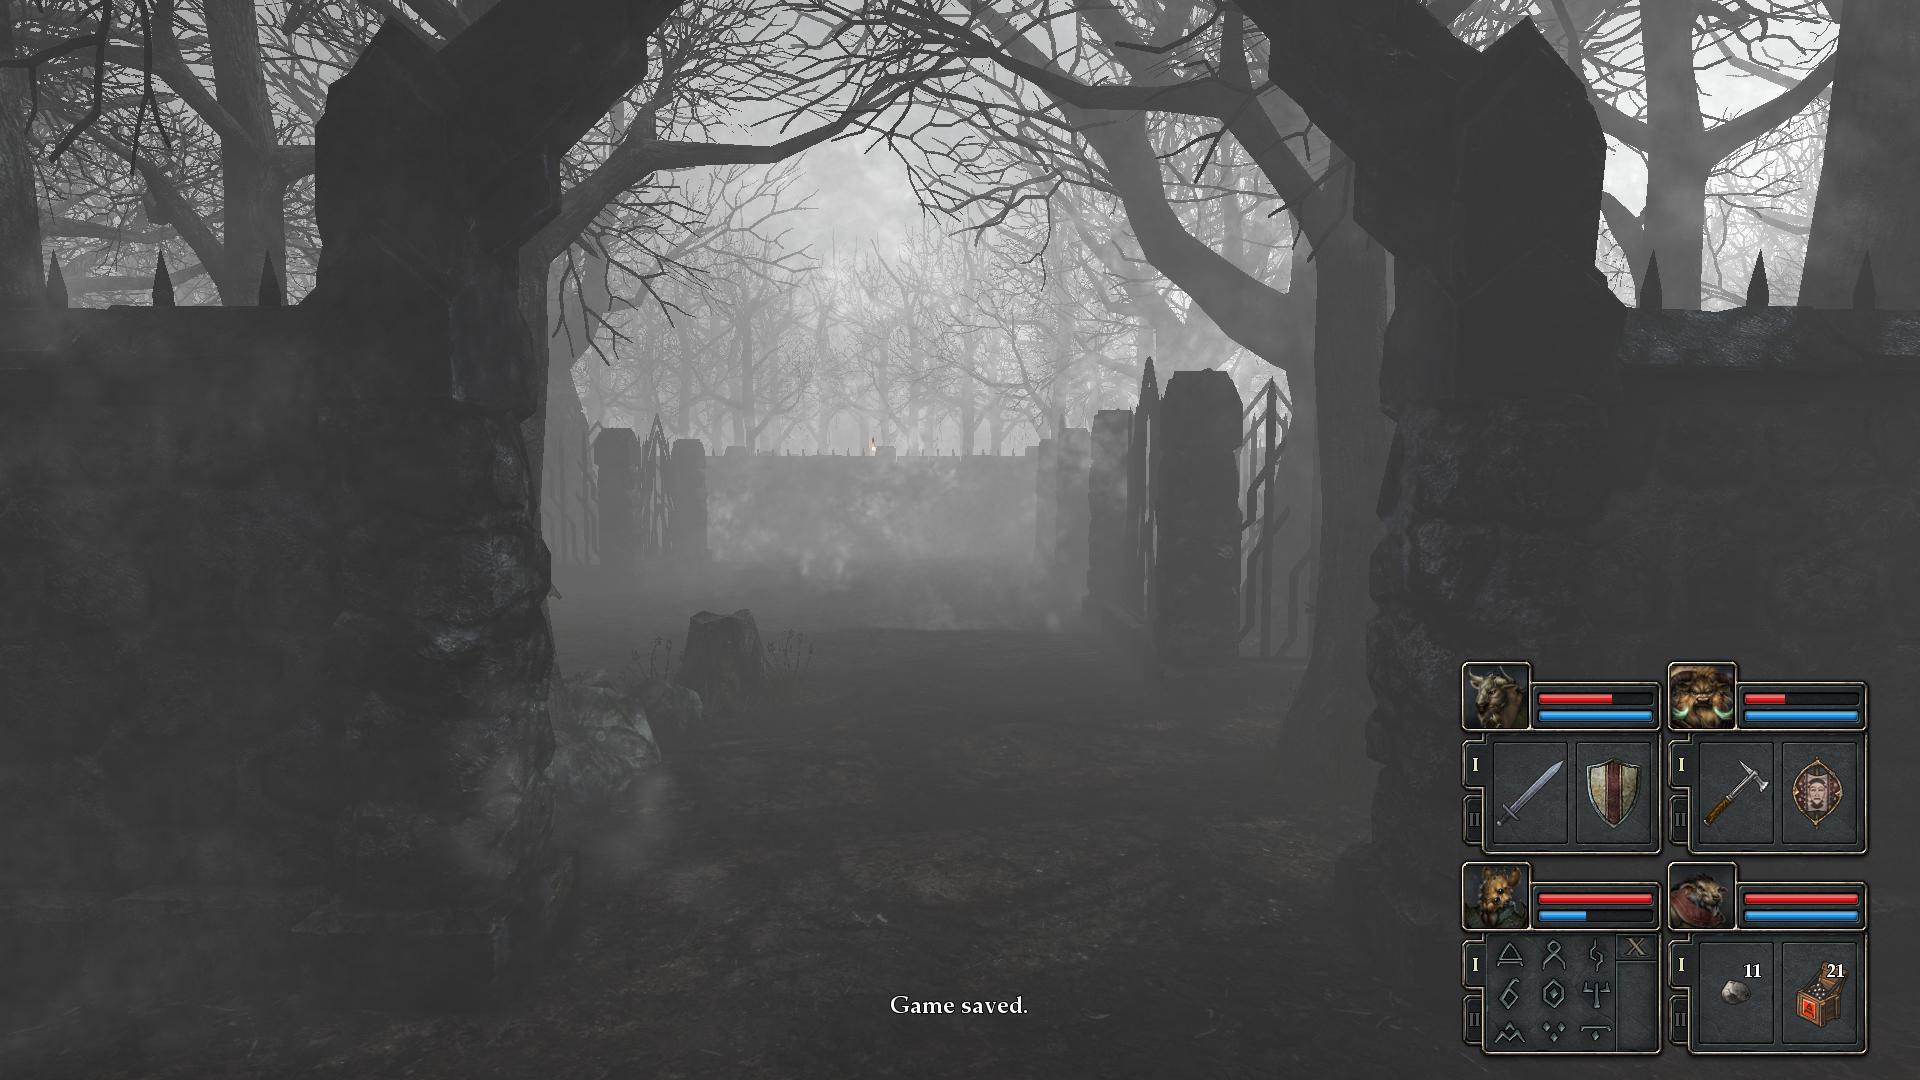 Recenze Legend of Grimrock 2 - Návrat legendy, anebo propadák? 9647